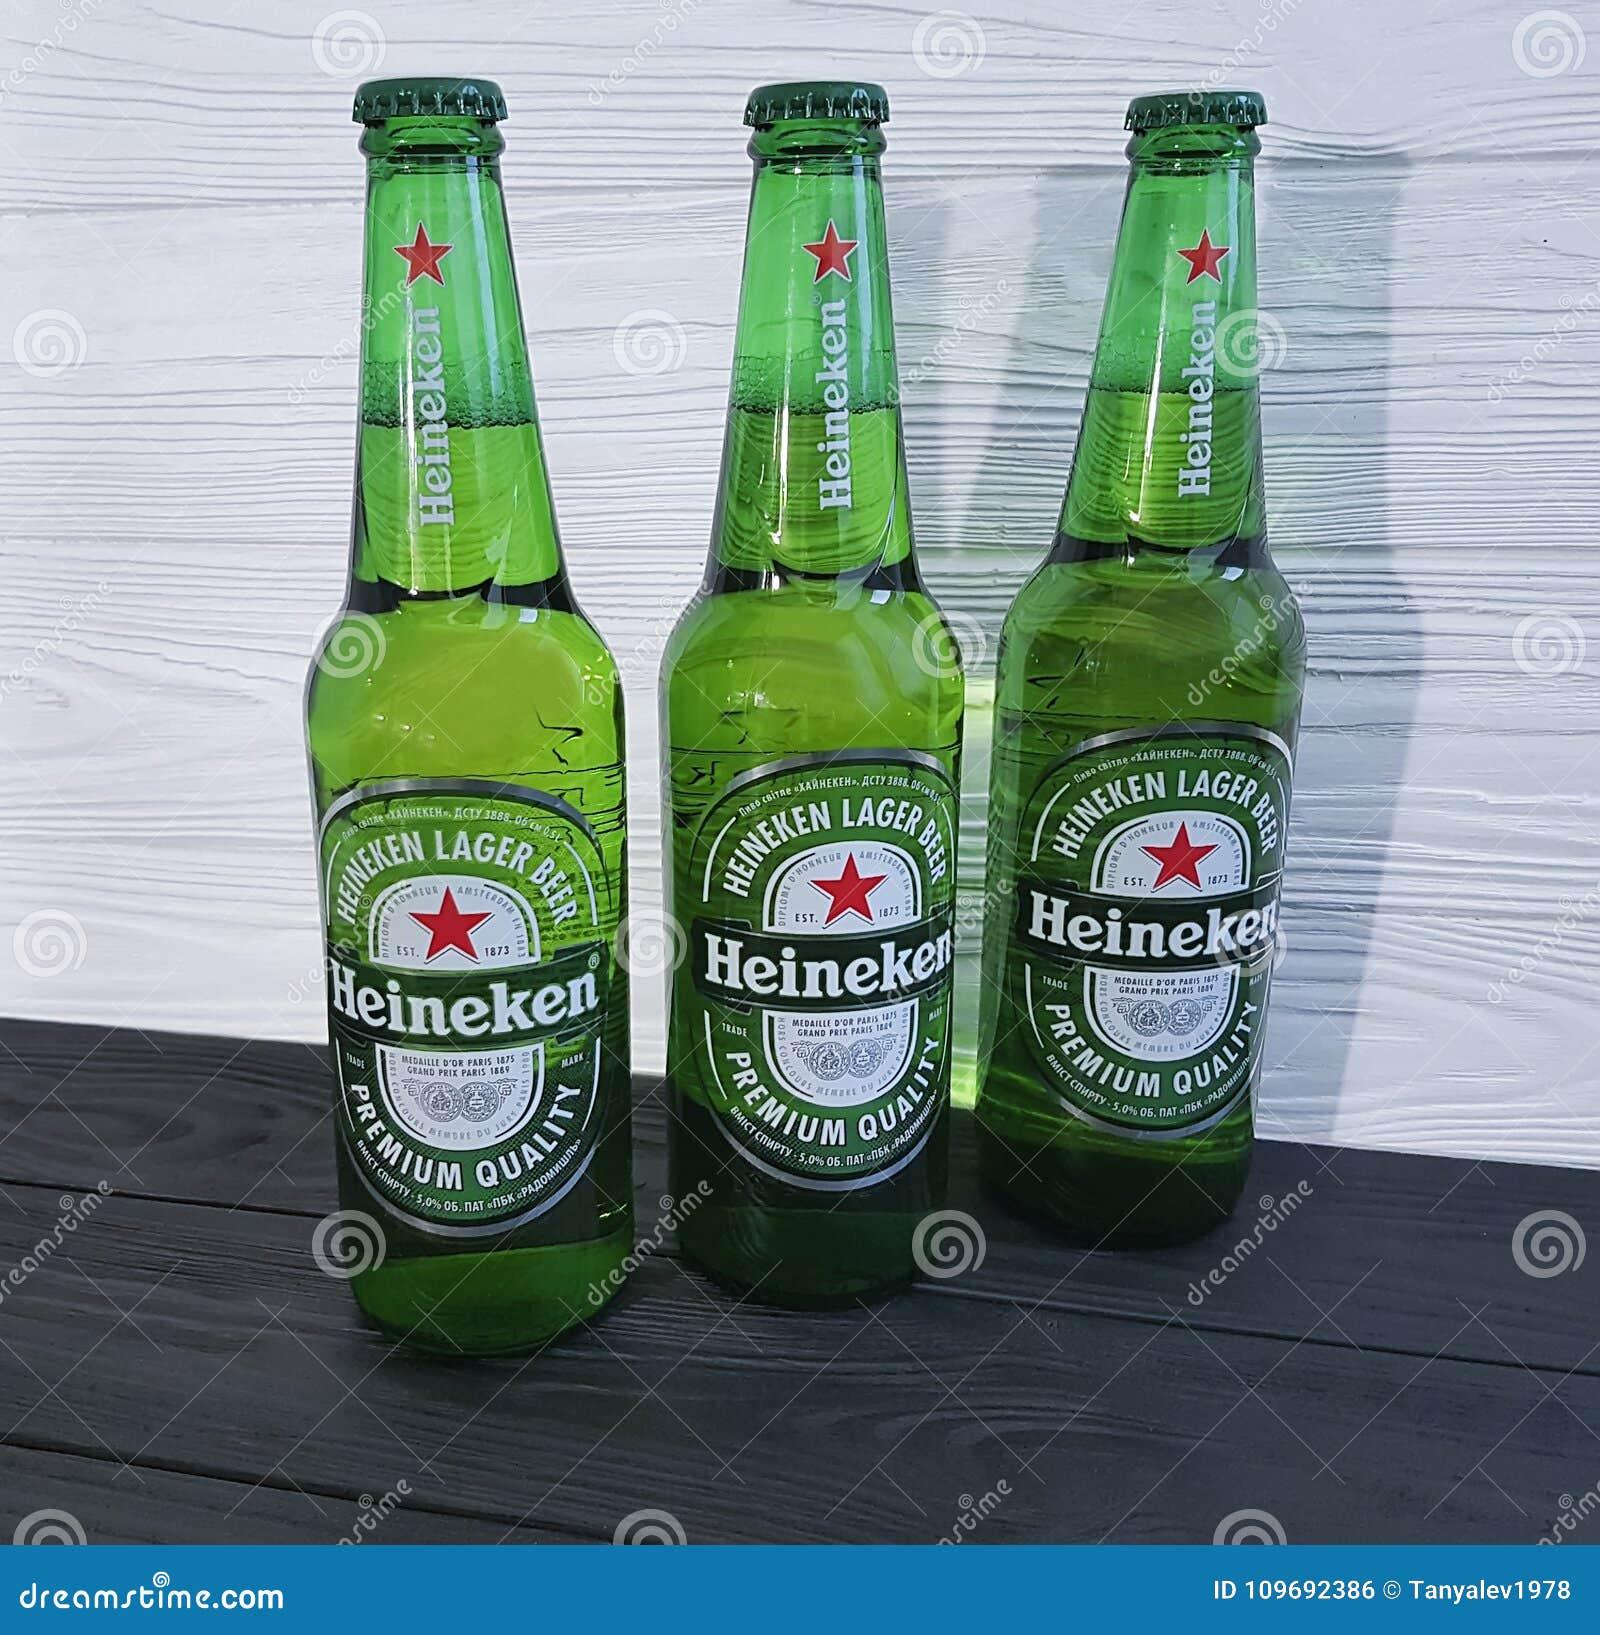 11 de febrero de 2017 Ucrania Kiev Heineken Lager Beer en de madera negro